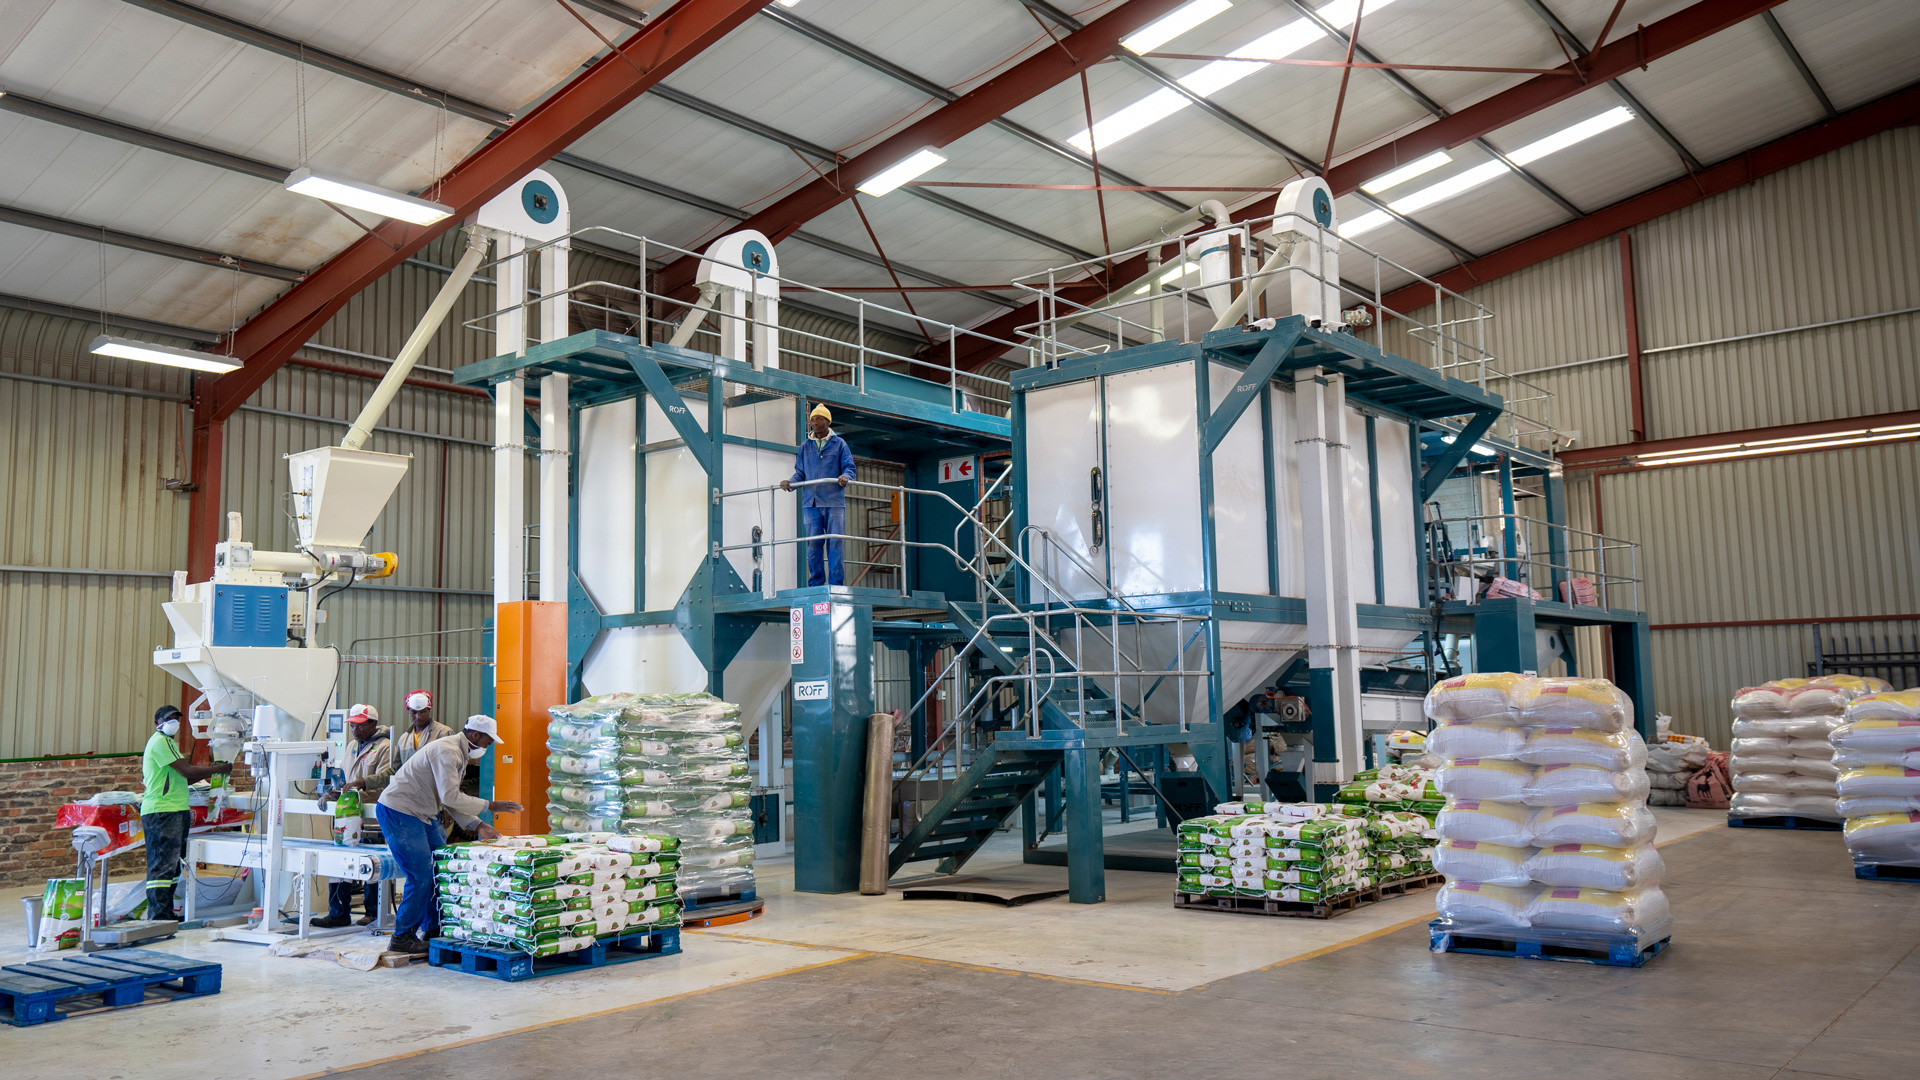 Idlani-Zumbani-R-70-Maize-Milling-Machine